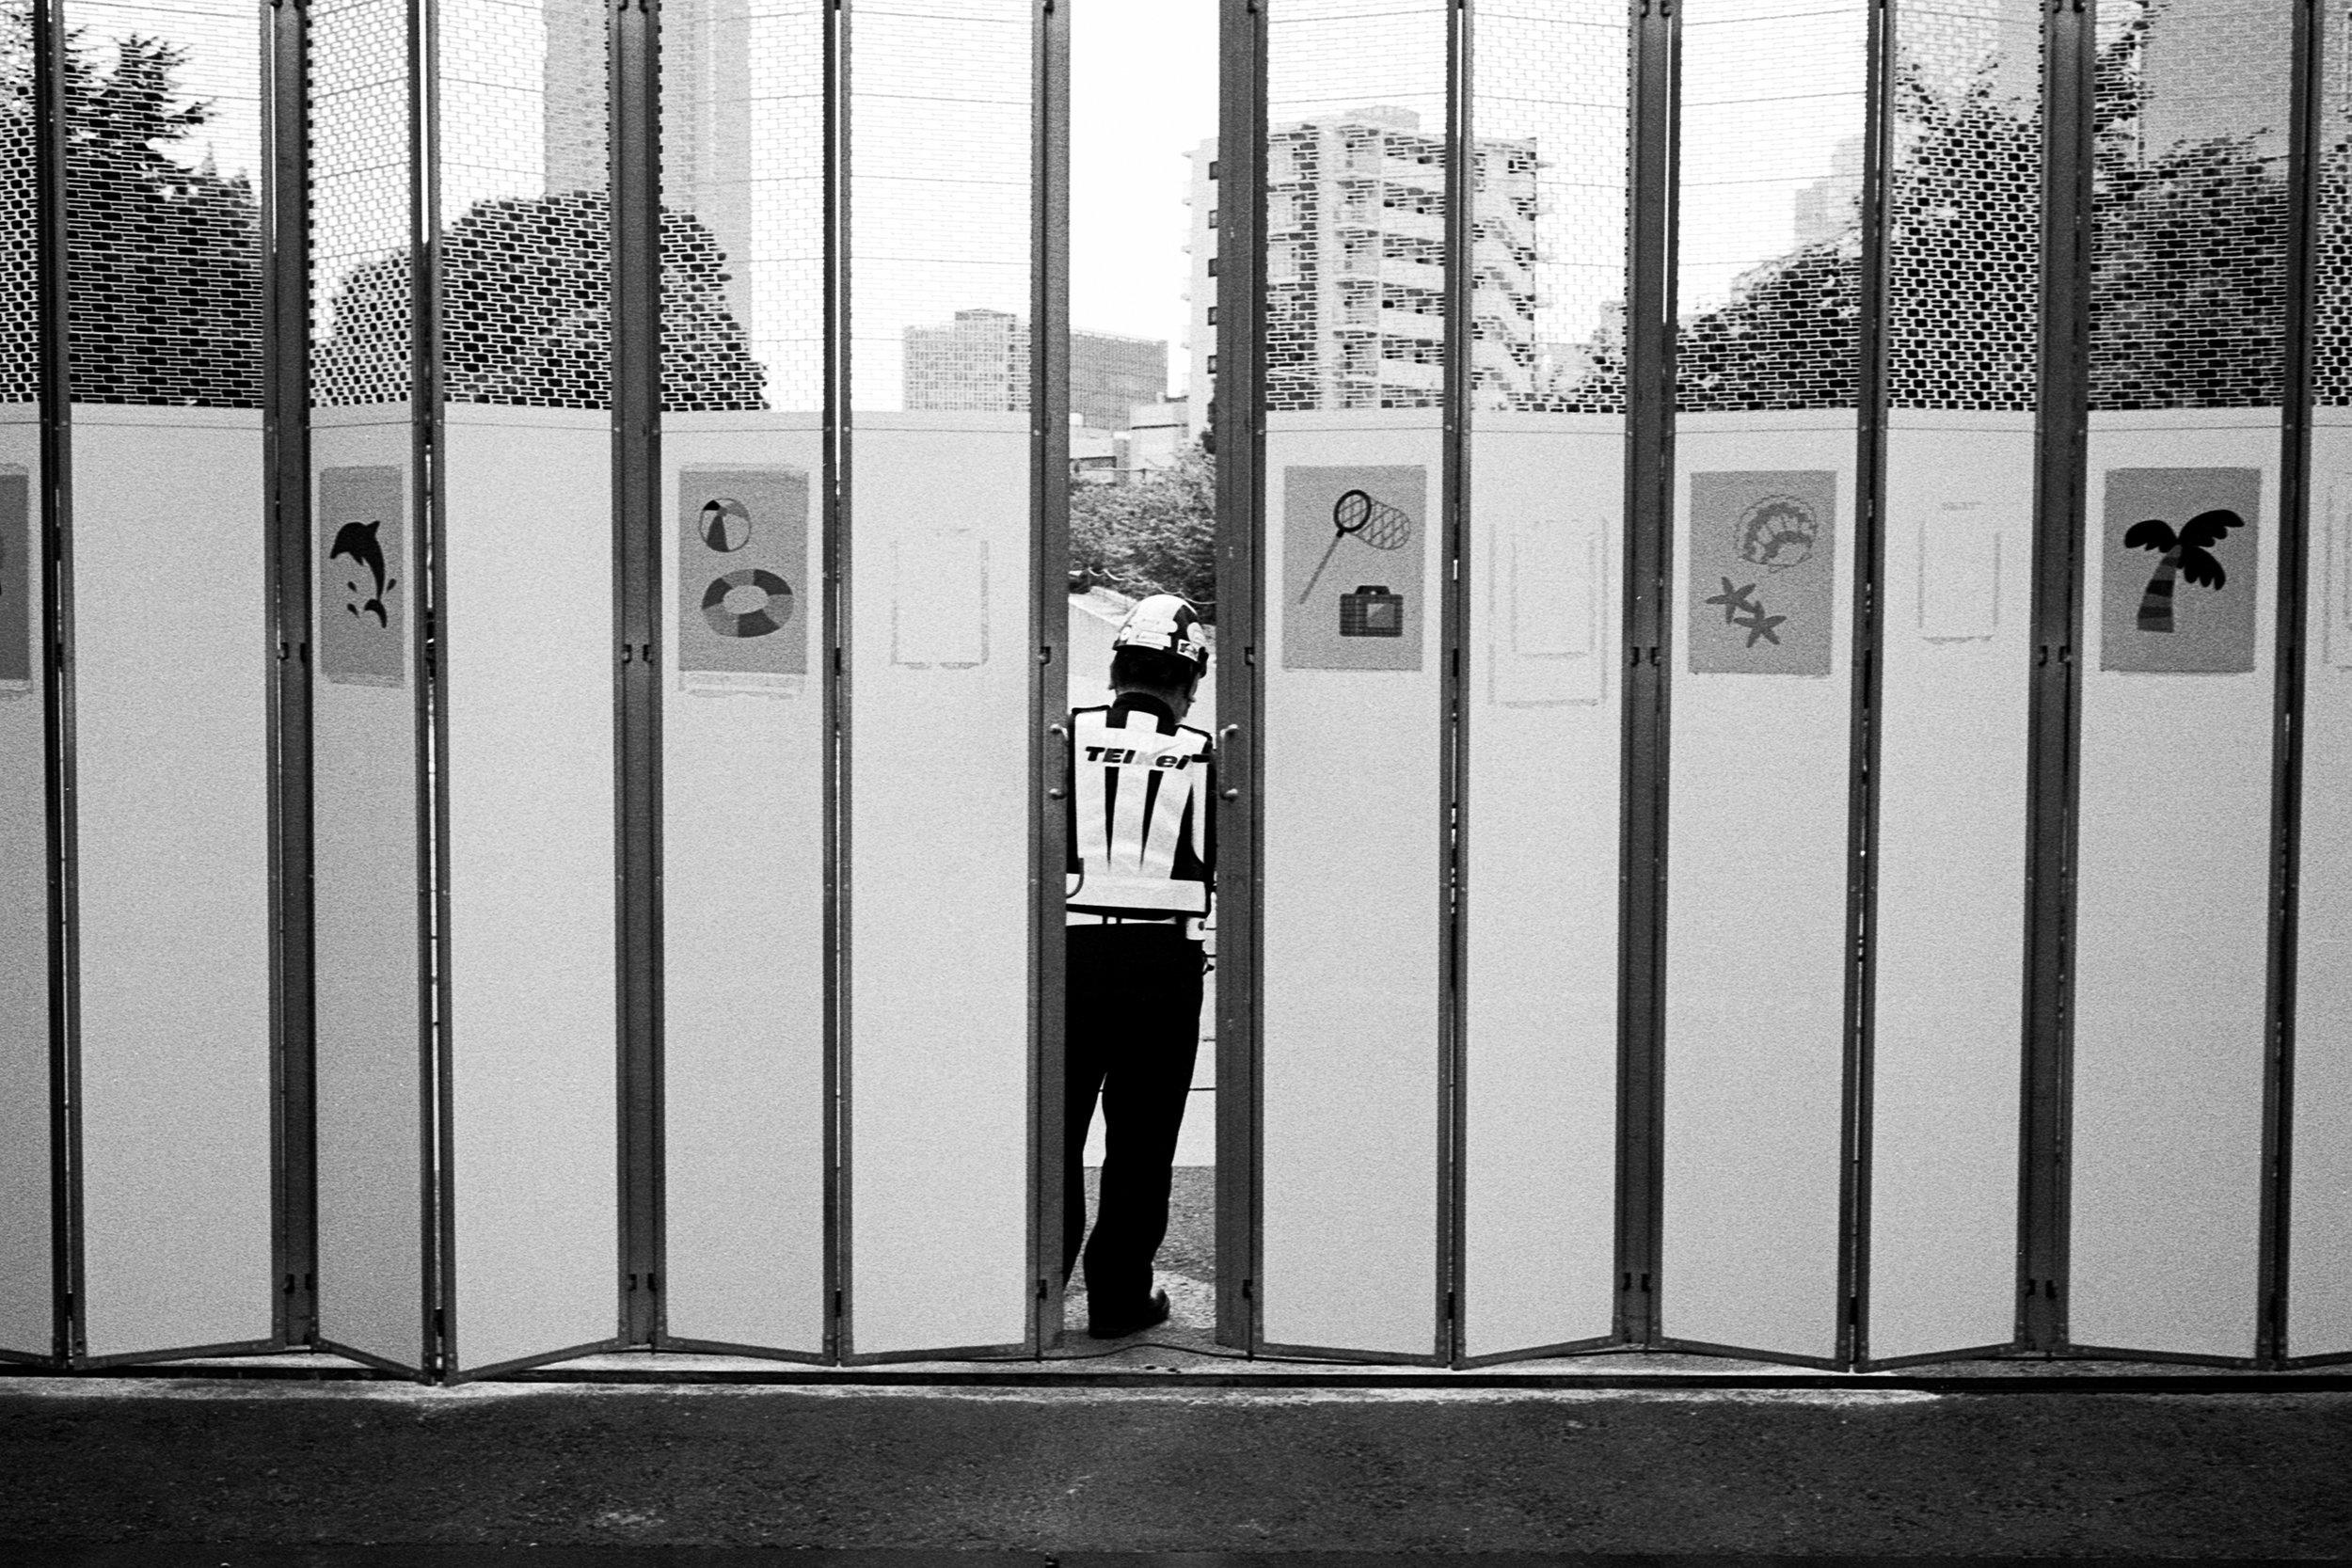 1808_Tokyo_M6_400tx013-Edit.jpg